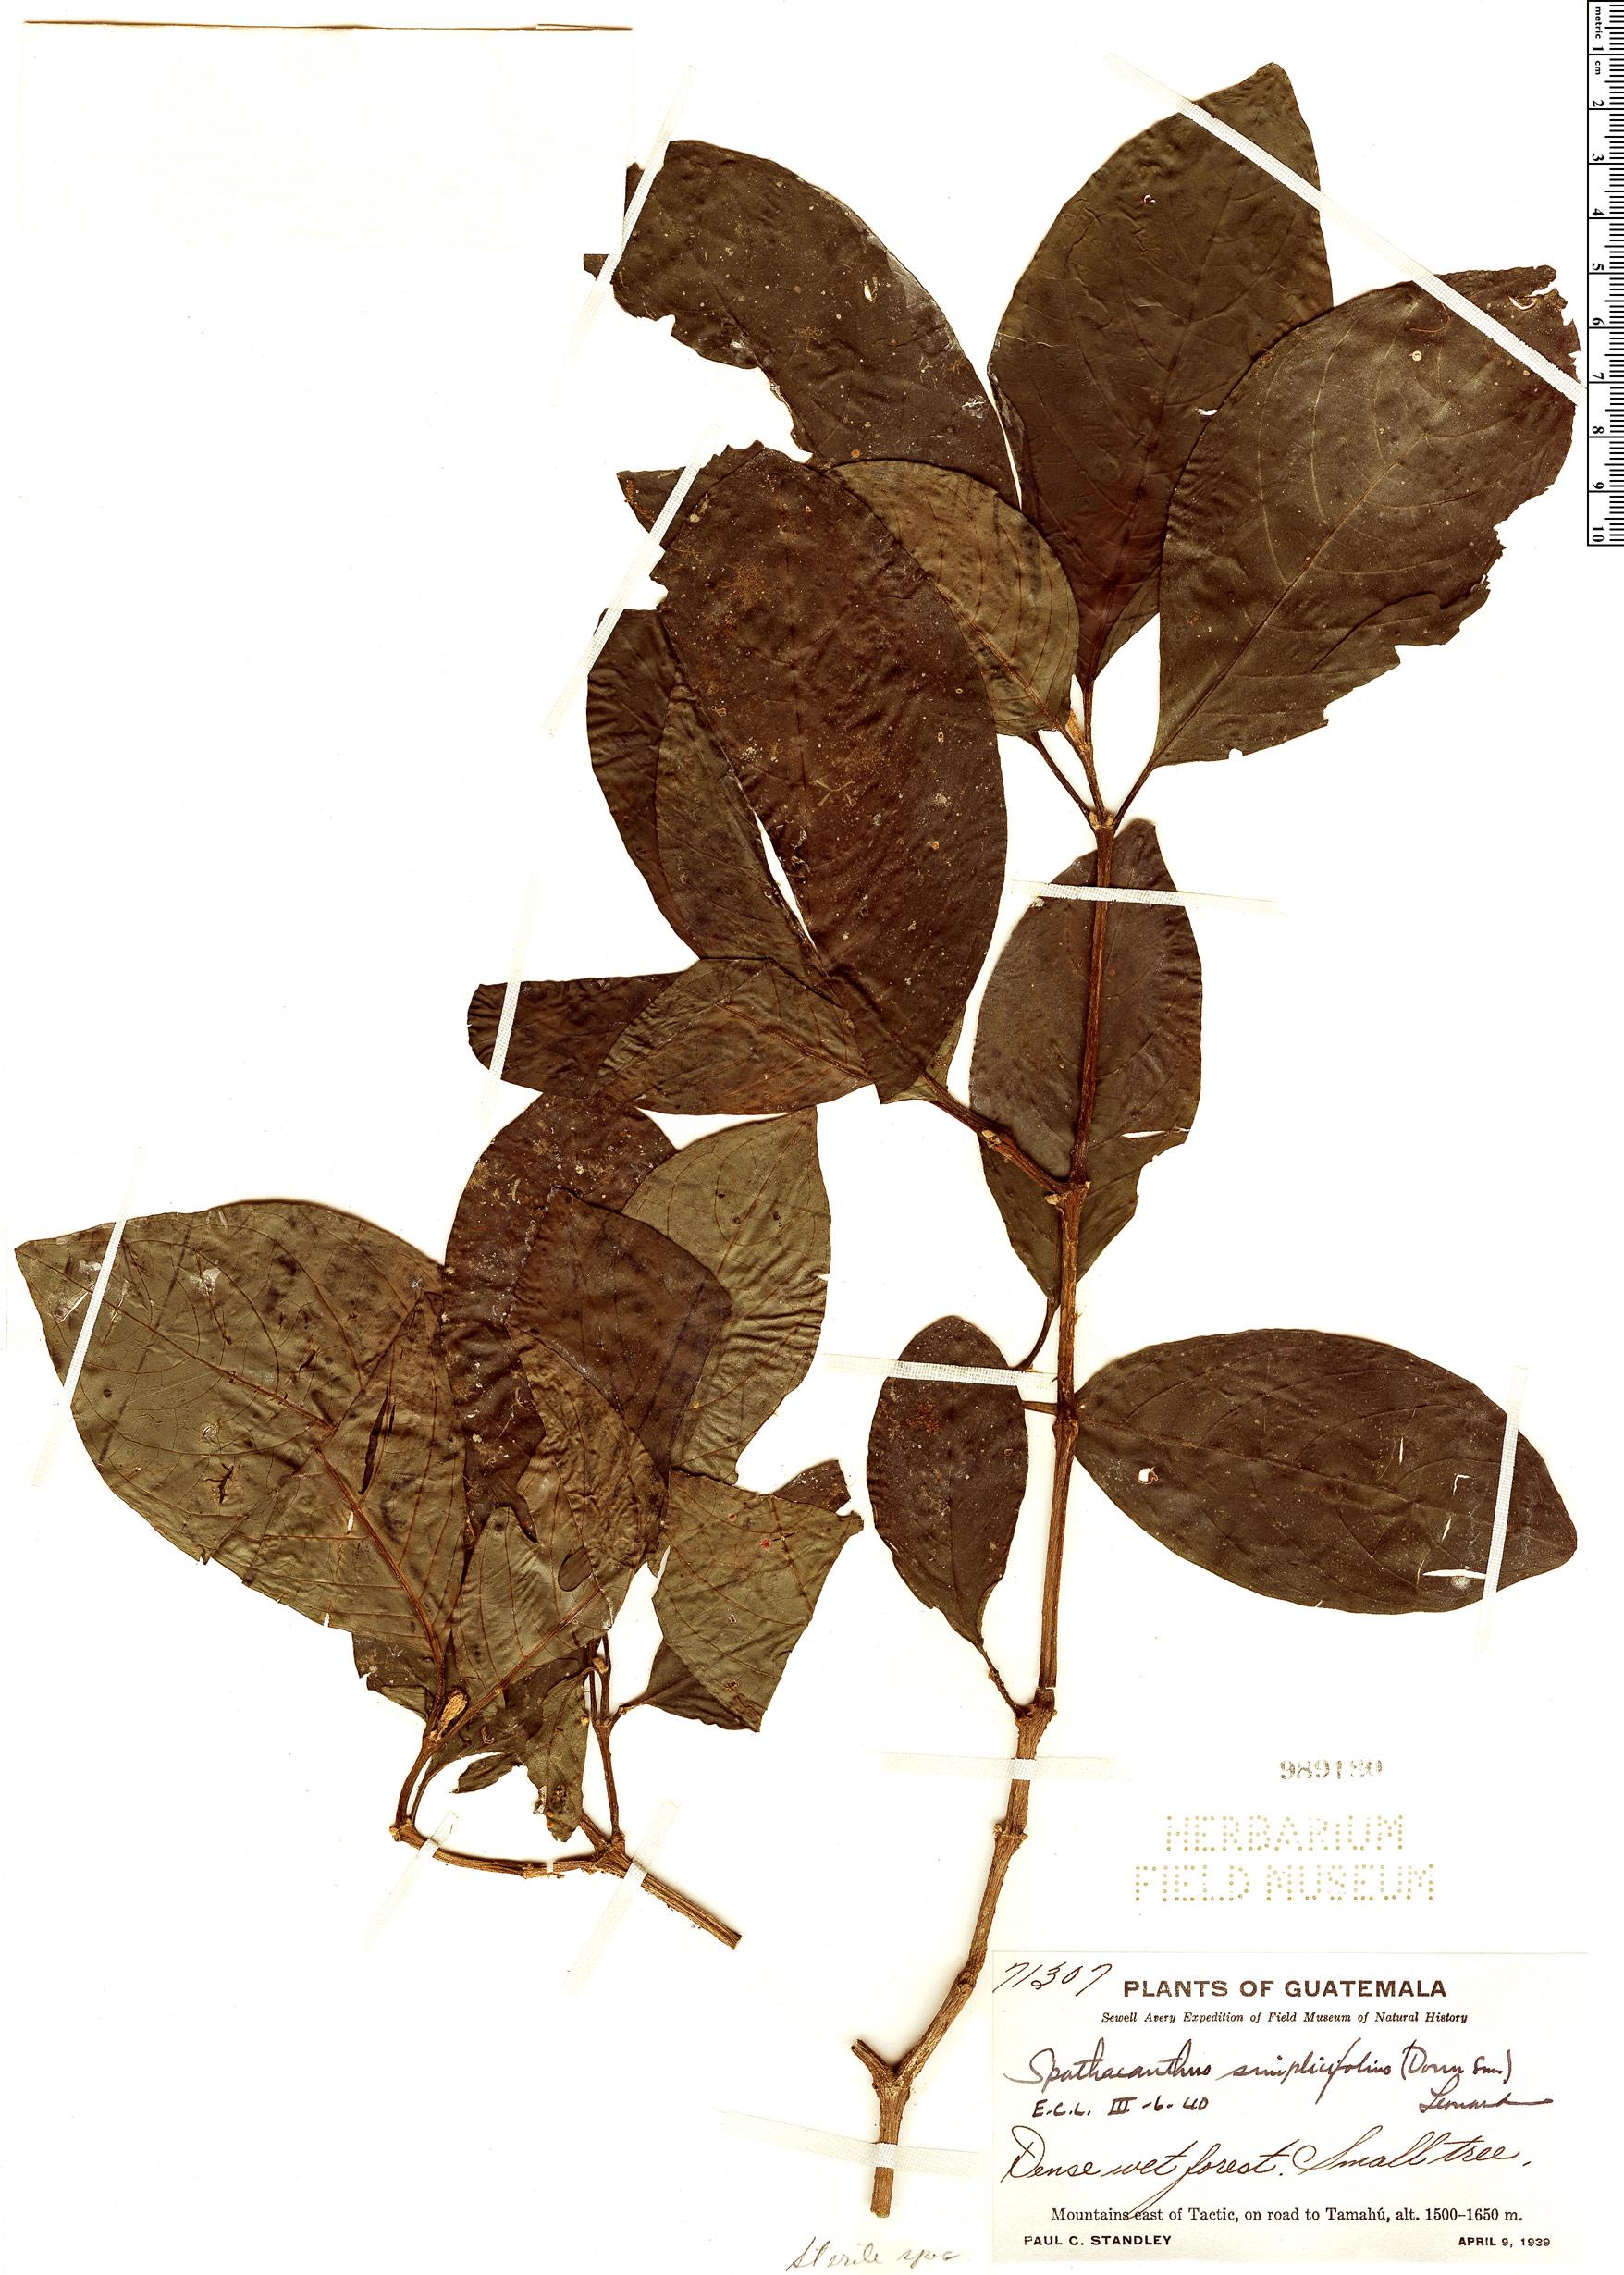 Specimen: Spathacanthus simplicifolius